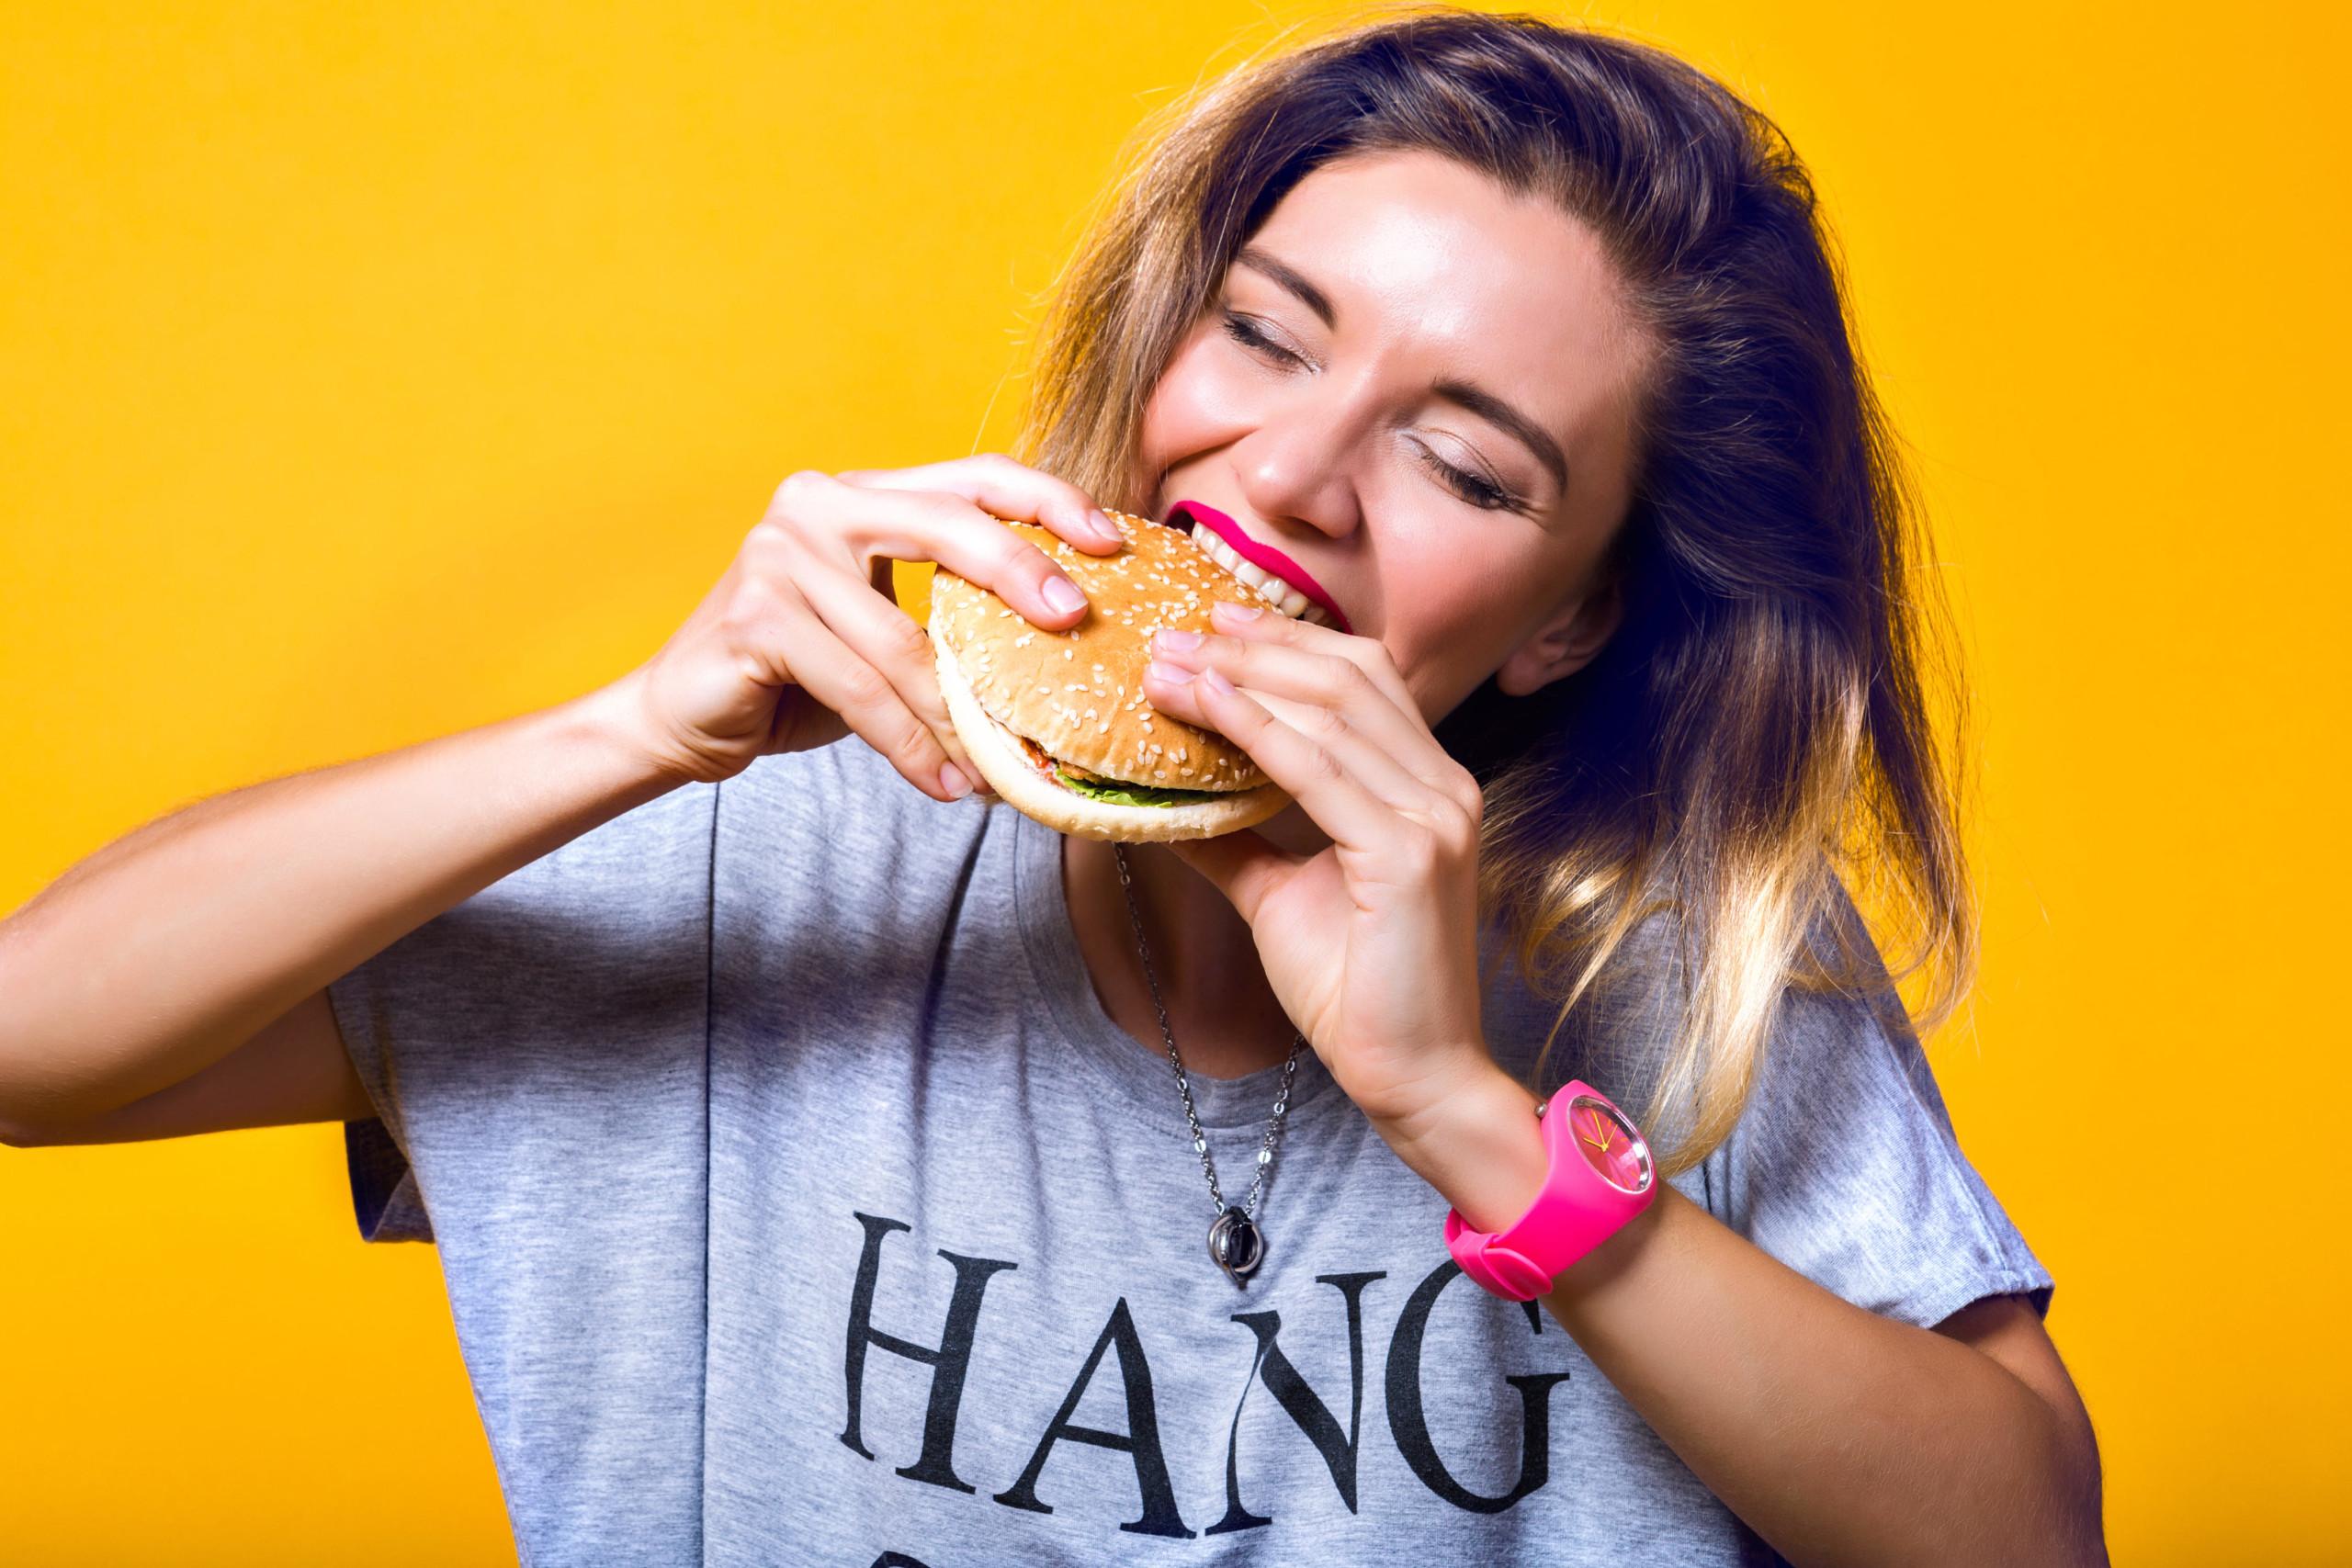 女性がハンバーガーを美味しそうに食べている